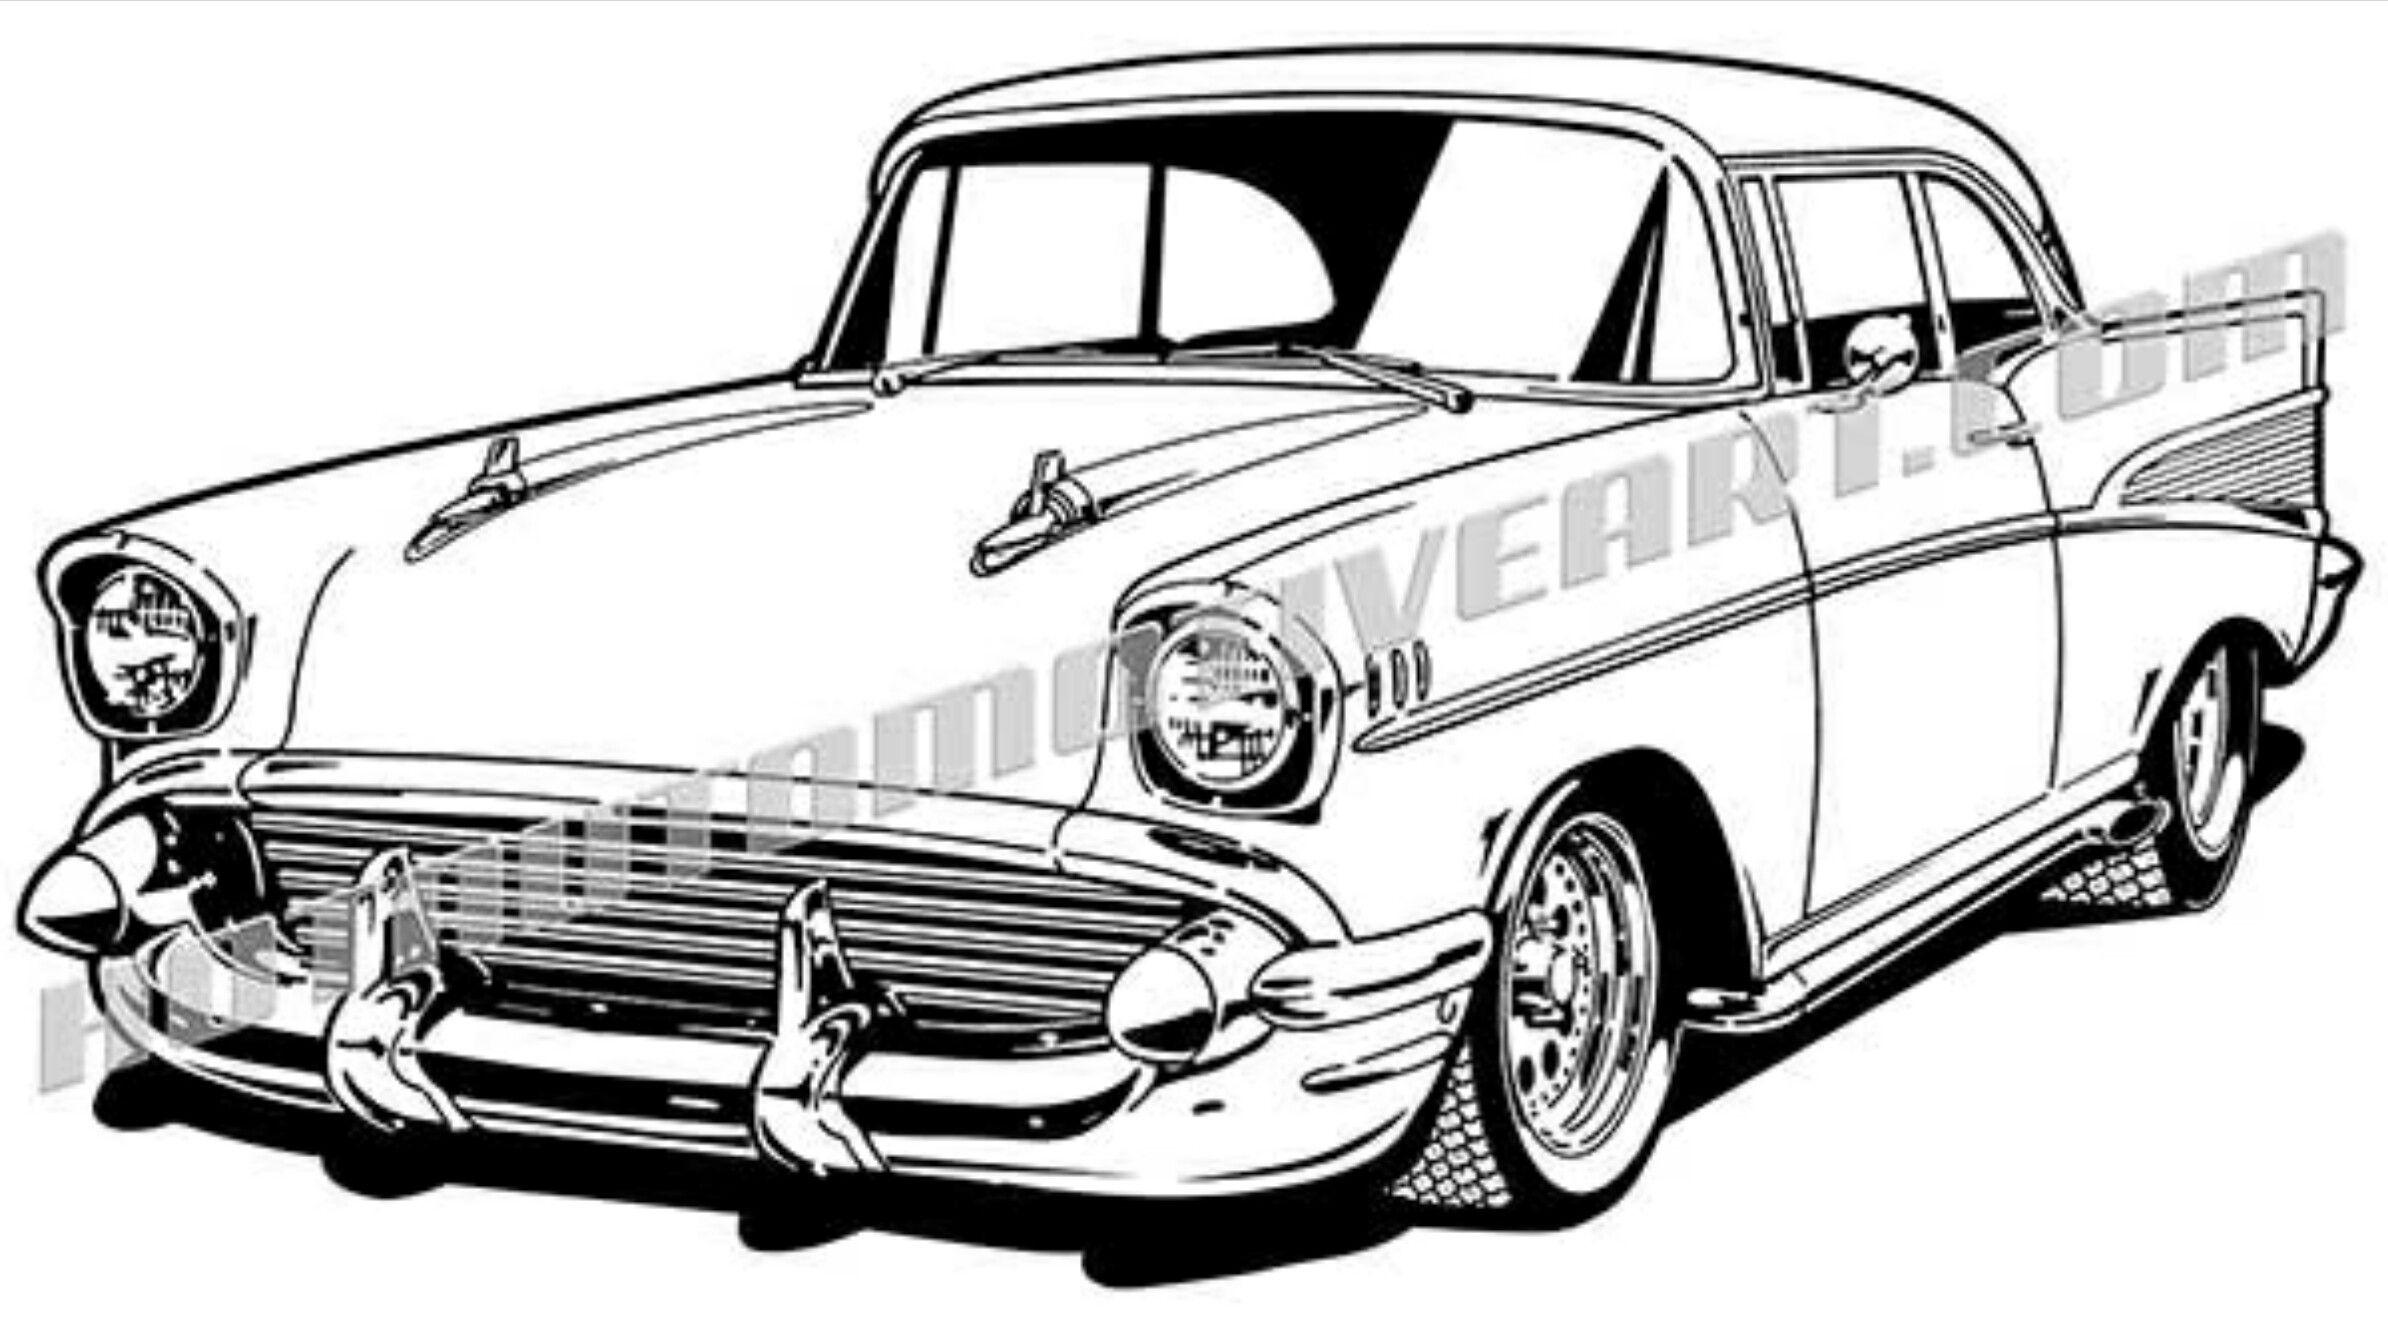 Chevy Bel Air 4 Door Svg